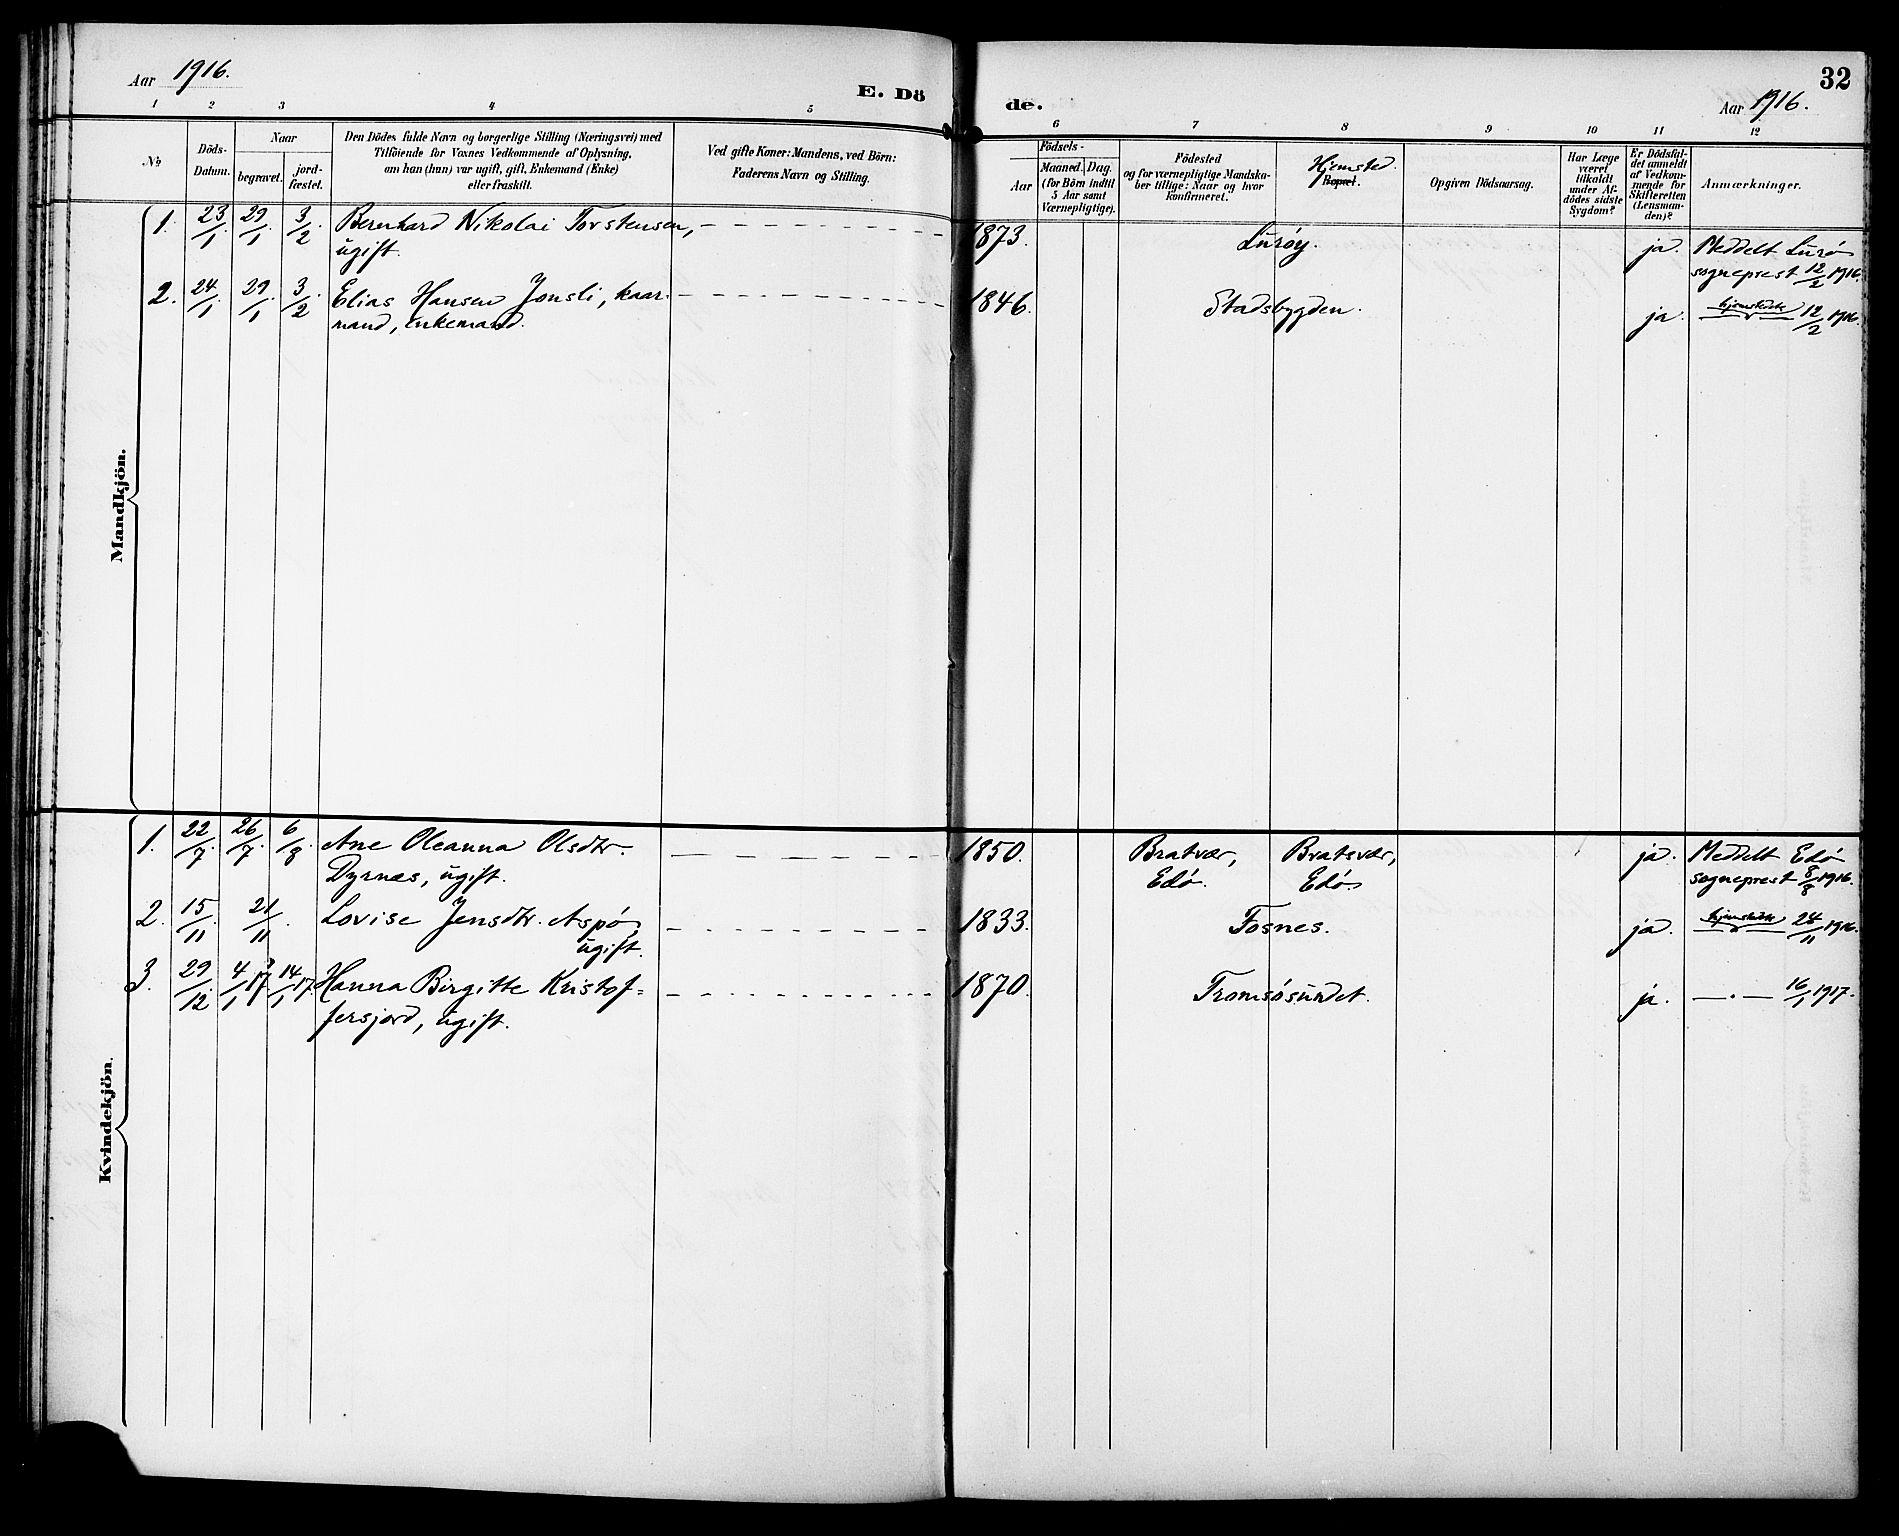 SAT, Ministerialprotokoller, klokkerbøker og fødselsregistre - Sør-Trøndelag, 629/L0486: Ministerialbok nr. 629A02, 1894-1919, s. 32